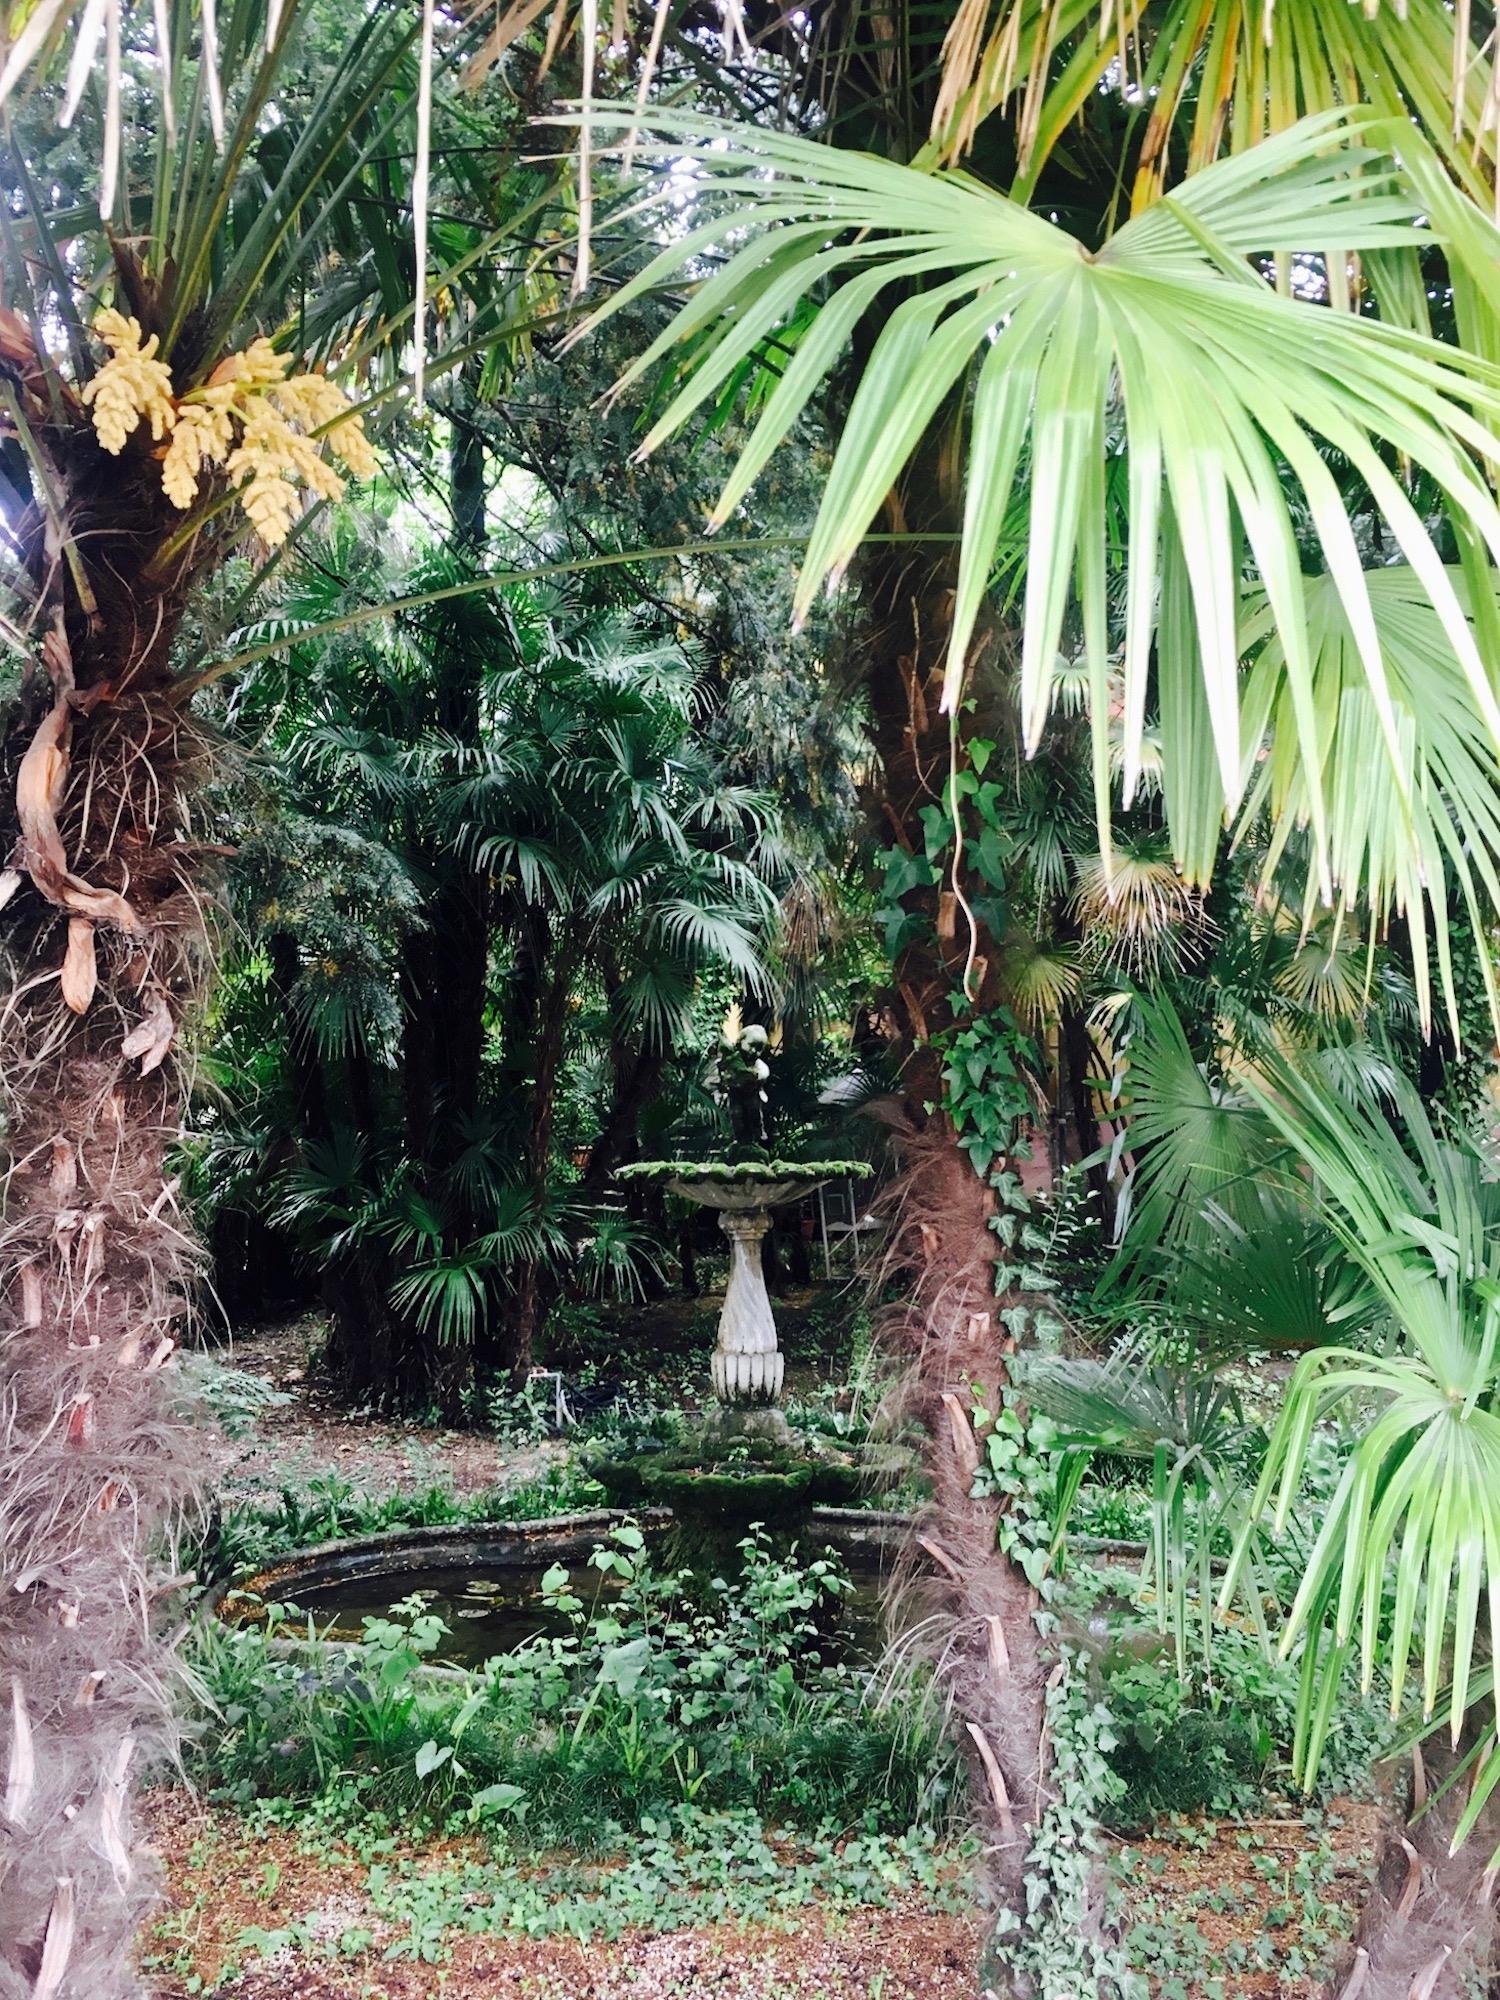 Jungbrunnen Abano Terme